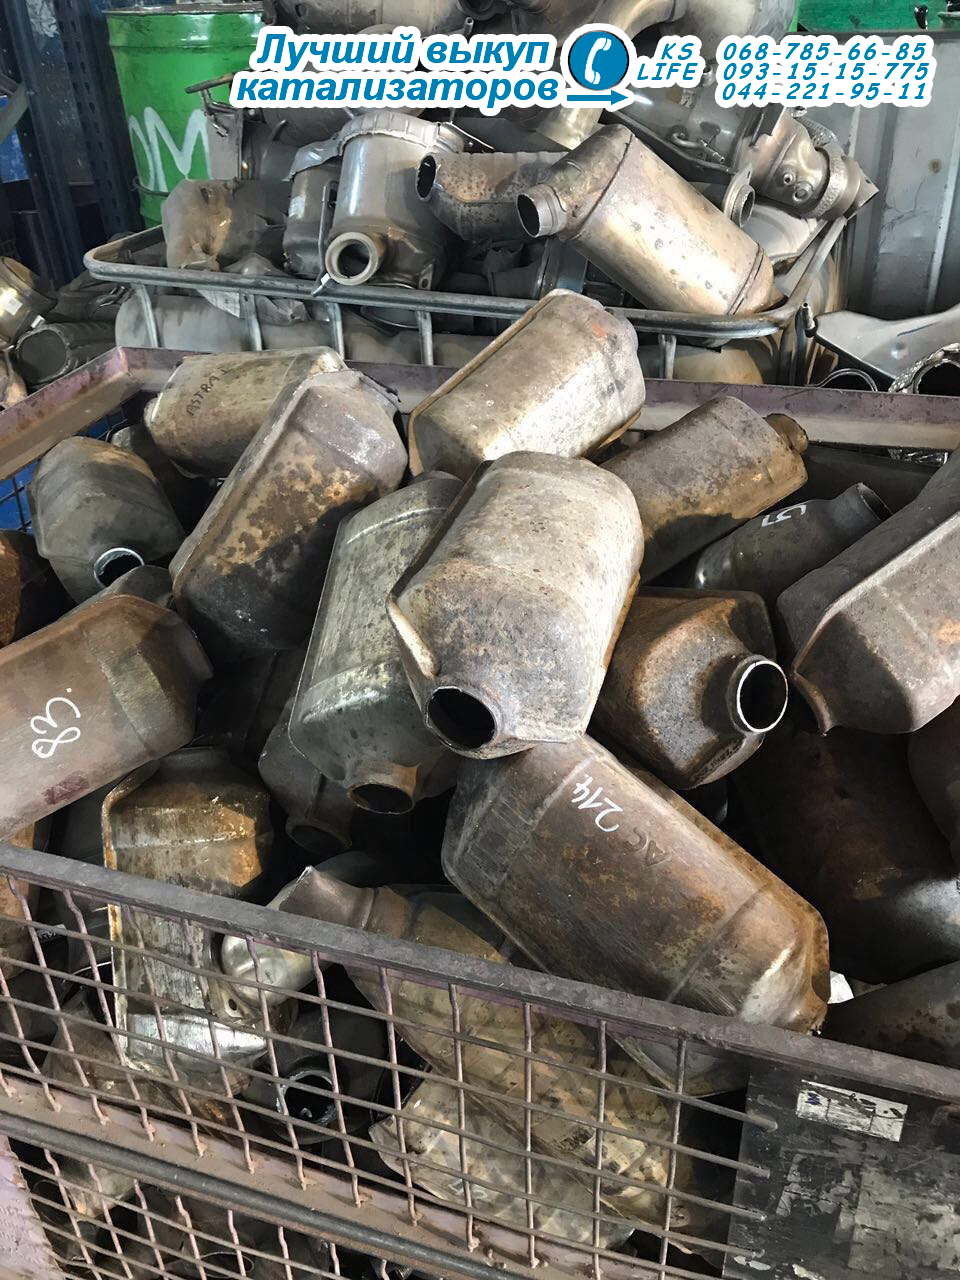 Удаление, ремонт, замена катализаторов. Купить стронгер или пламегаситель универсальный AWG вместо катализатора.